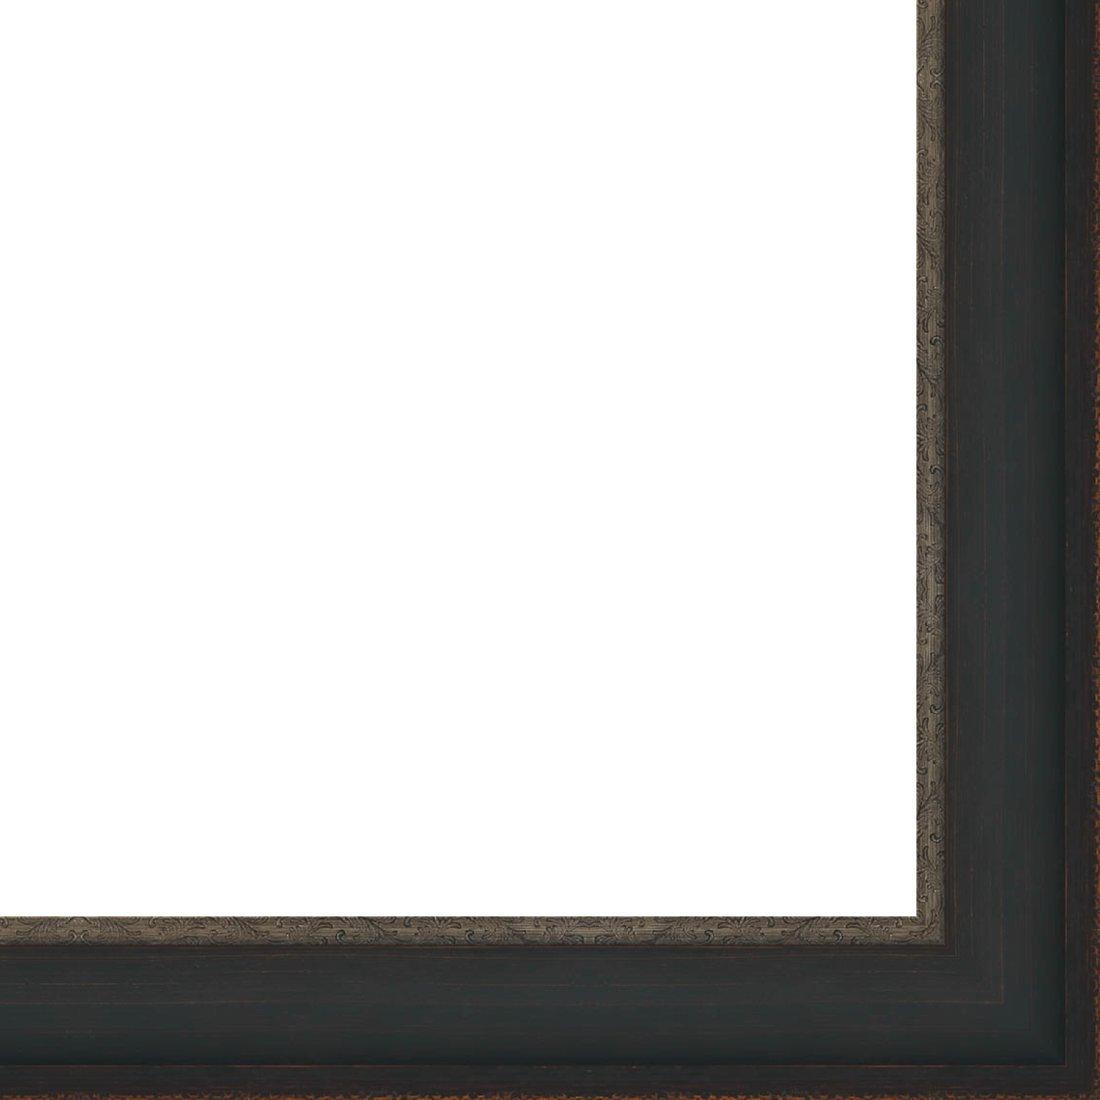 Picture Frame Moulding (Wood) 18ft bundle - Distressed/Aged Black Finish - 2.75'' width - 3/8'' rabbet depth